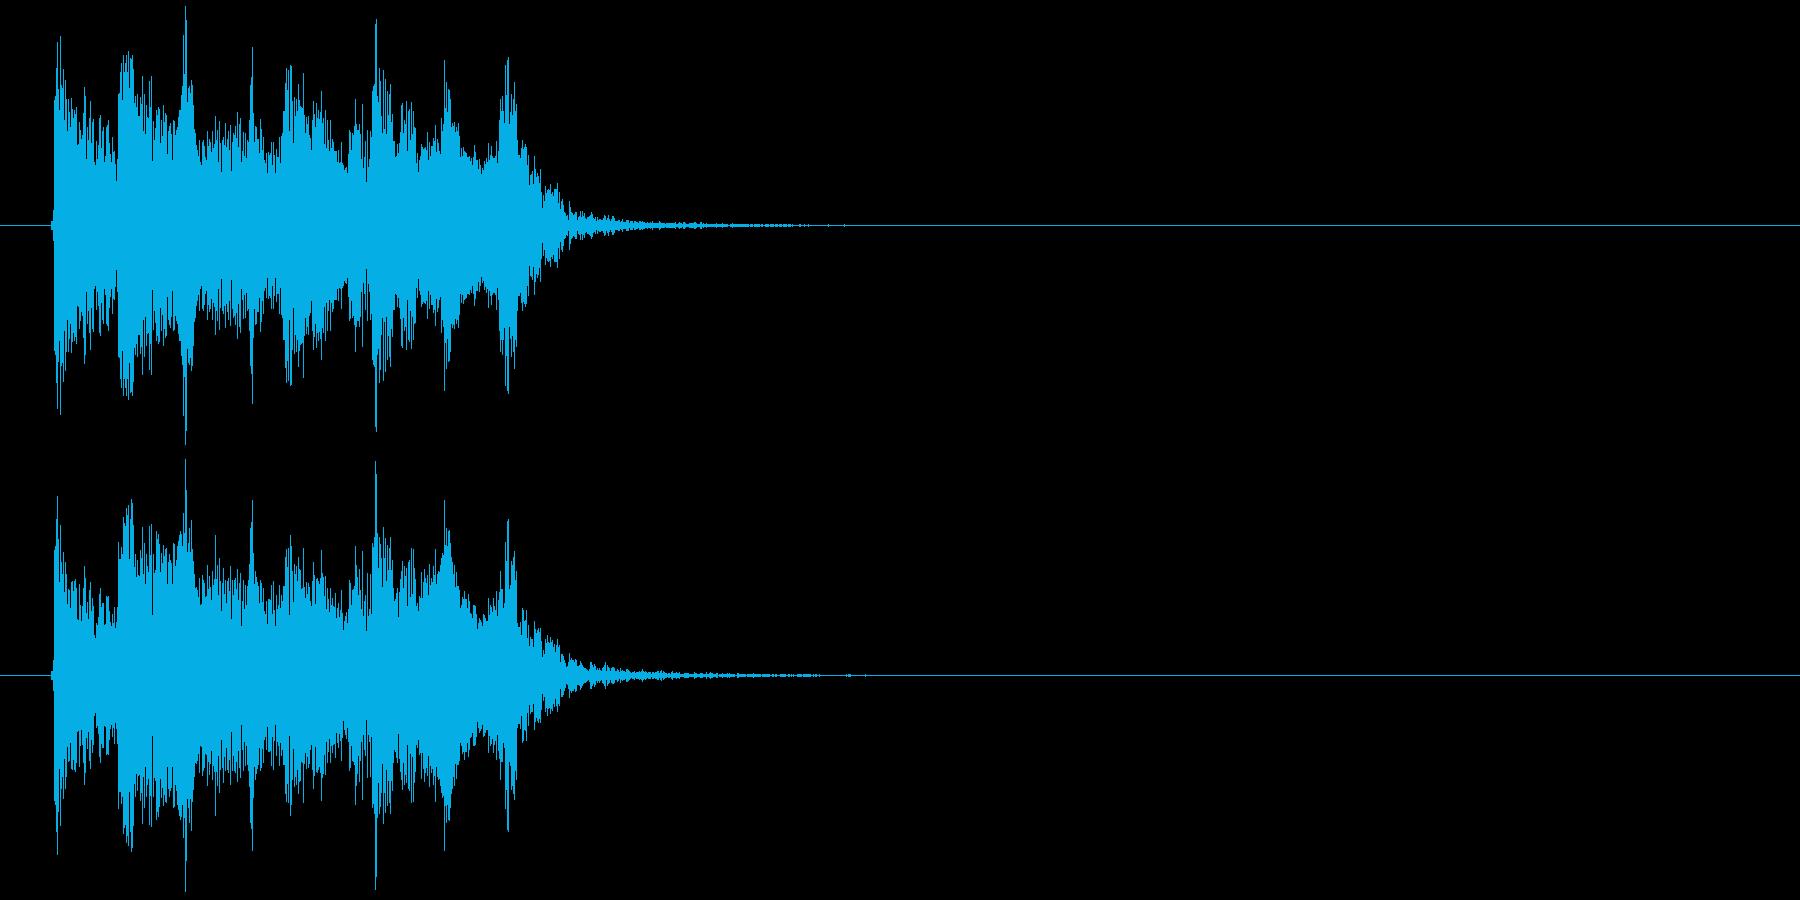 不思議でリズミカルなピアノシンセジングルの再生済みの波形